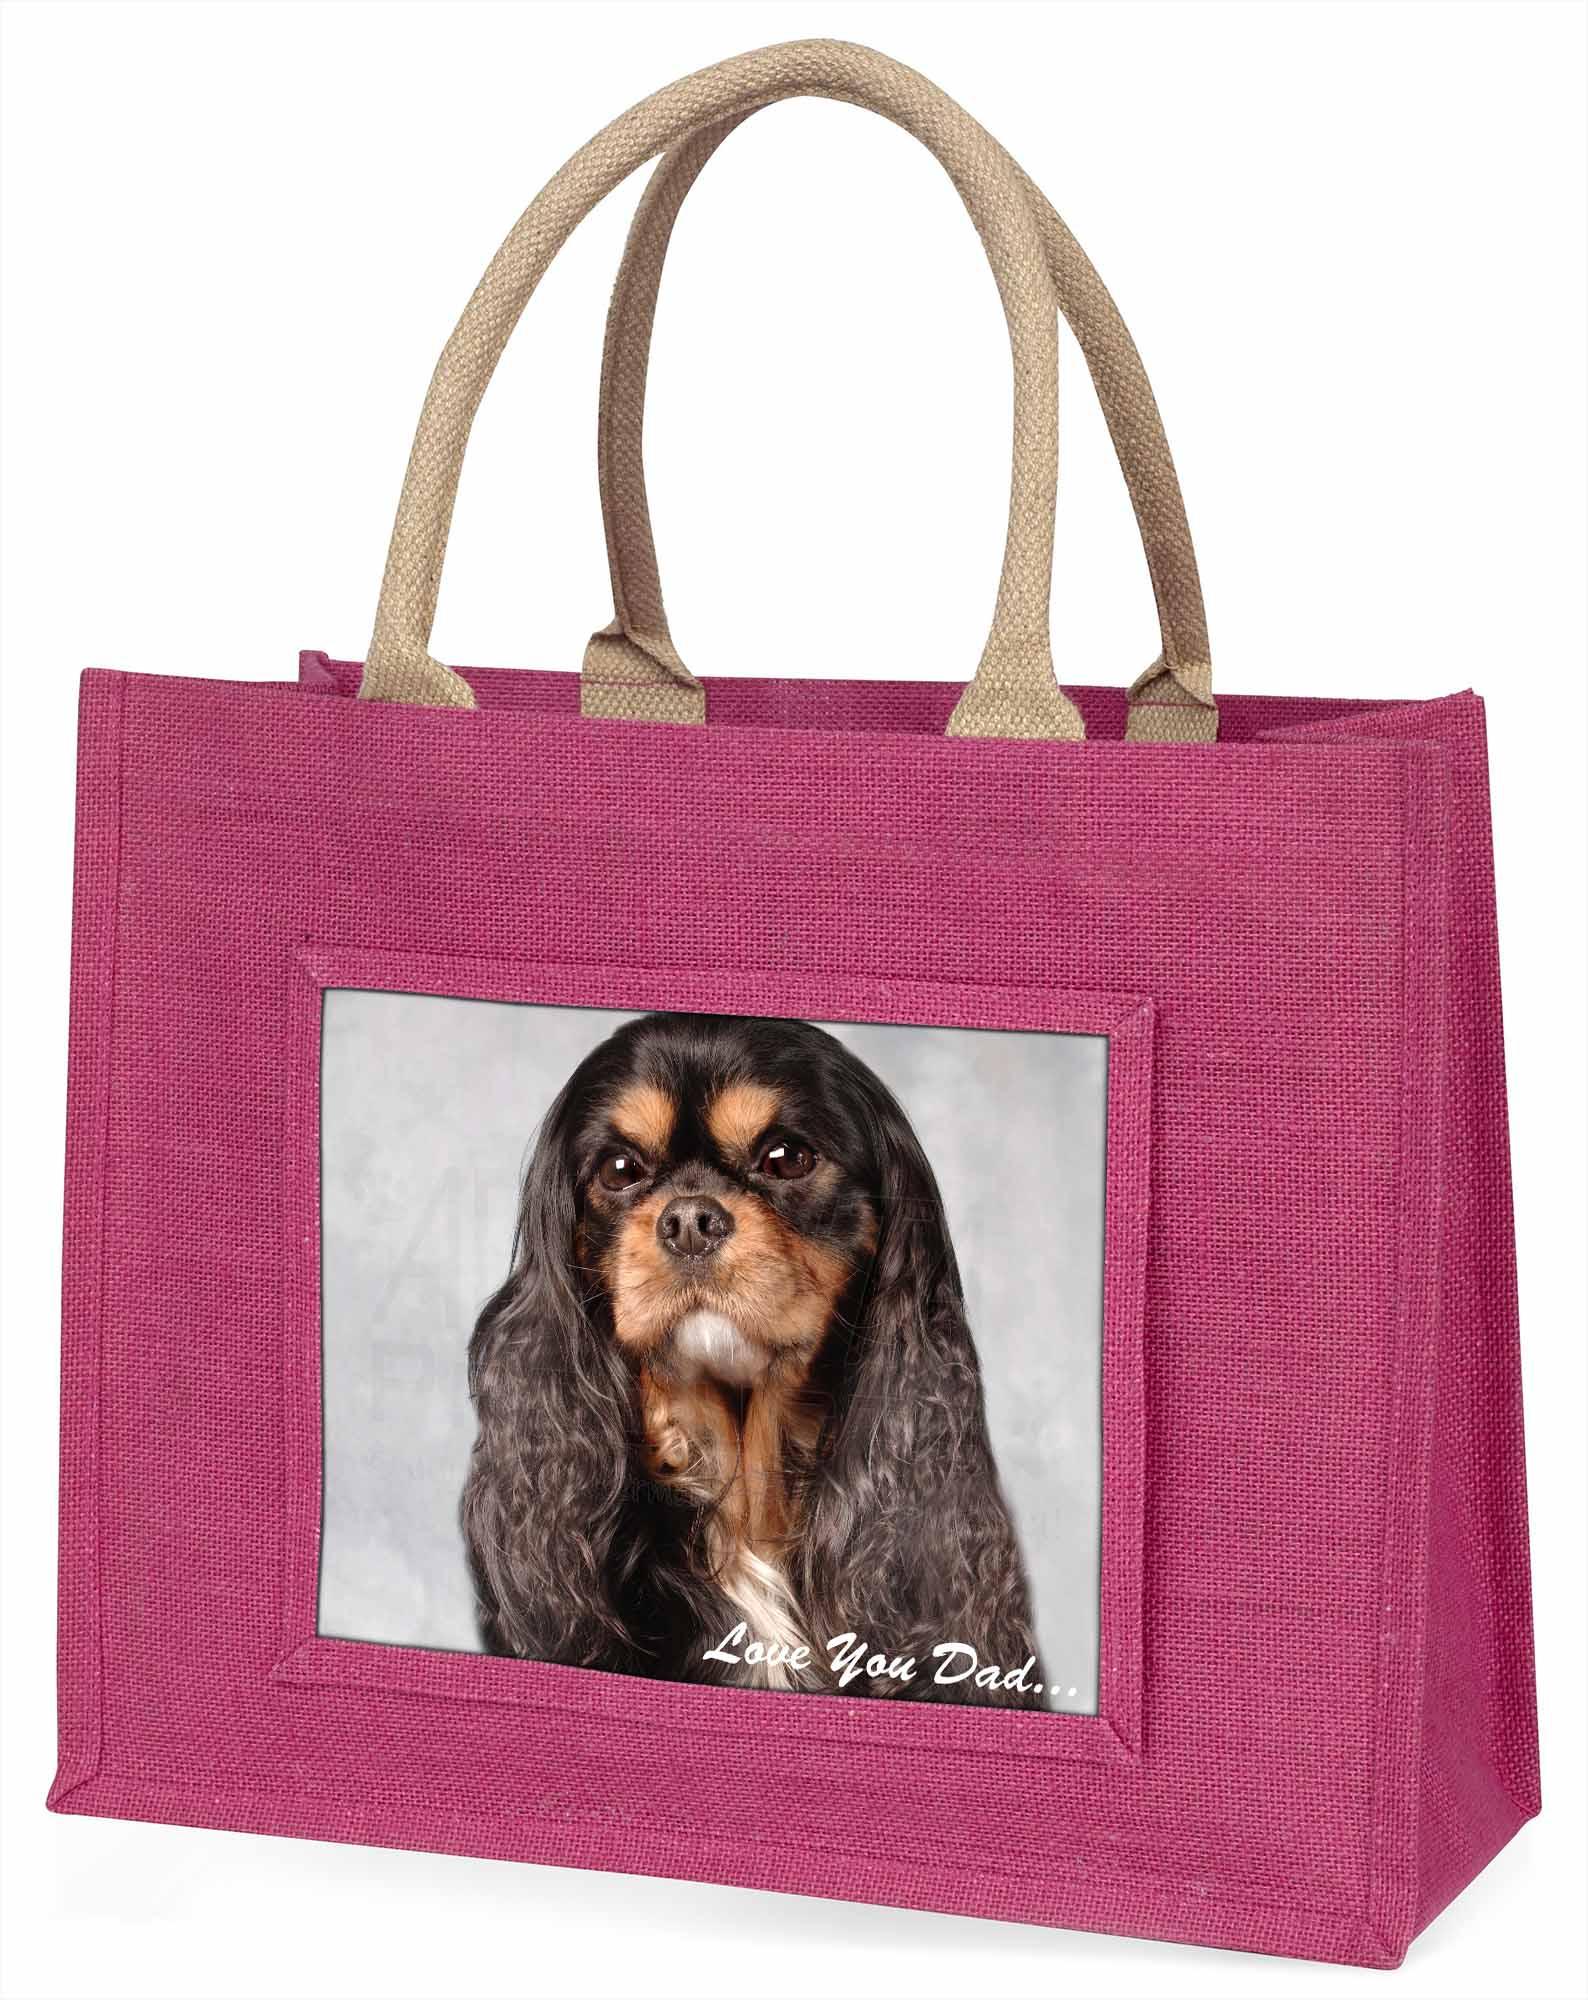 König Charles Hund' liebe Dich Papa' große rosa Einkaufstasche WEIHNACHTEN PR,